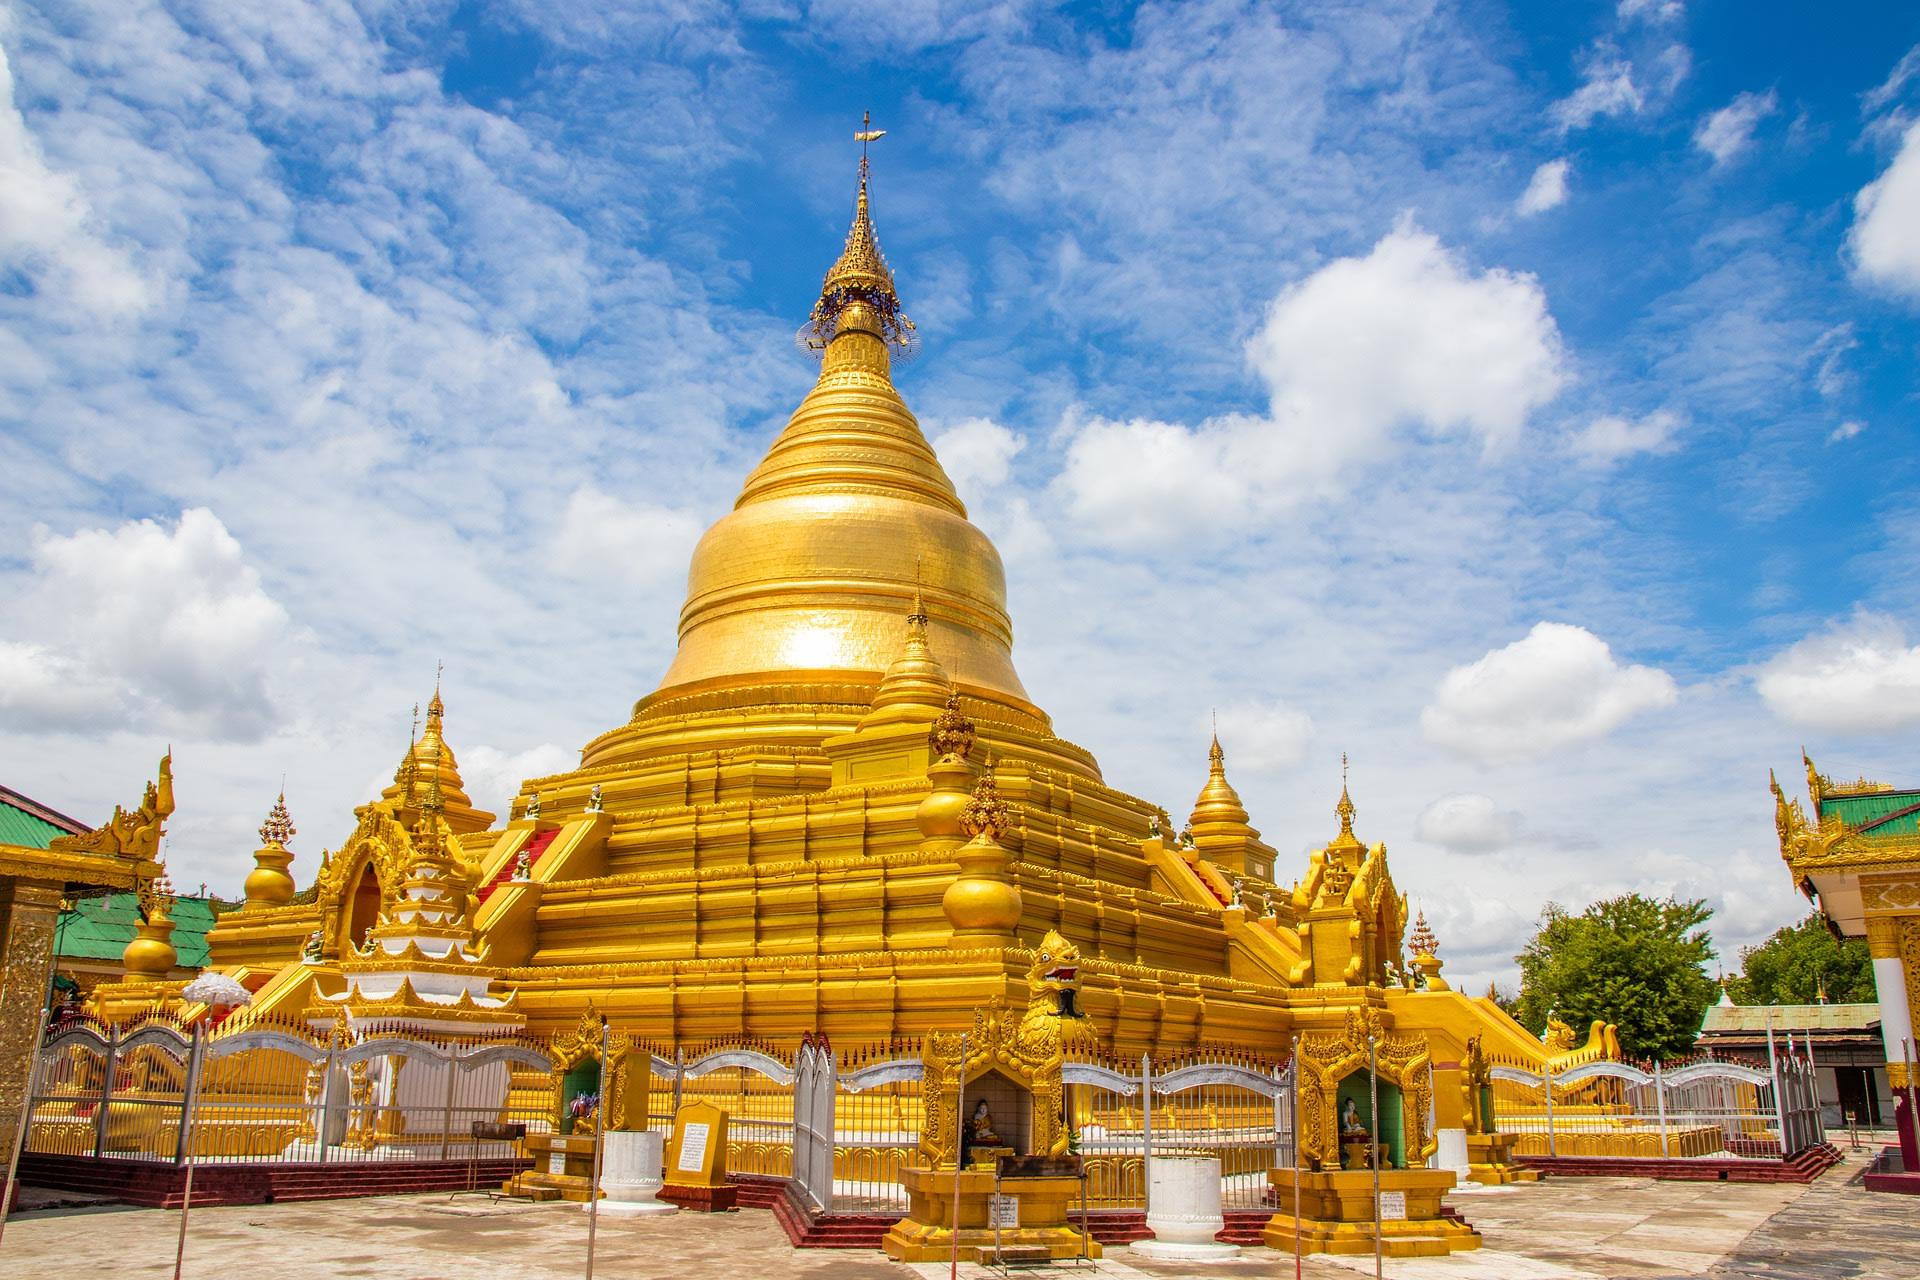 Admire the Kuthodaw Pagoda